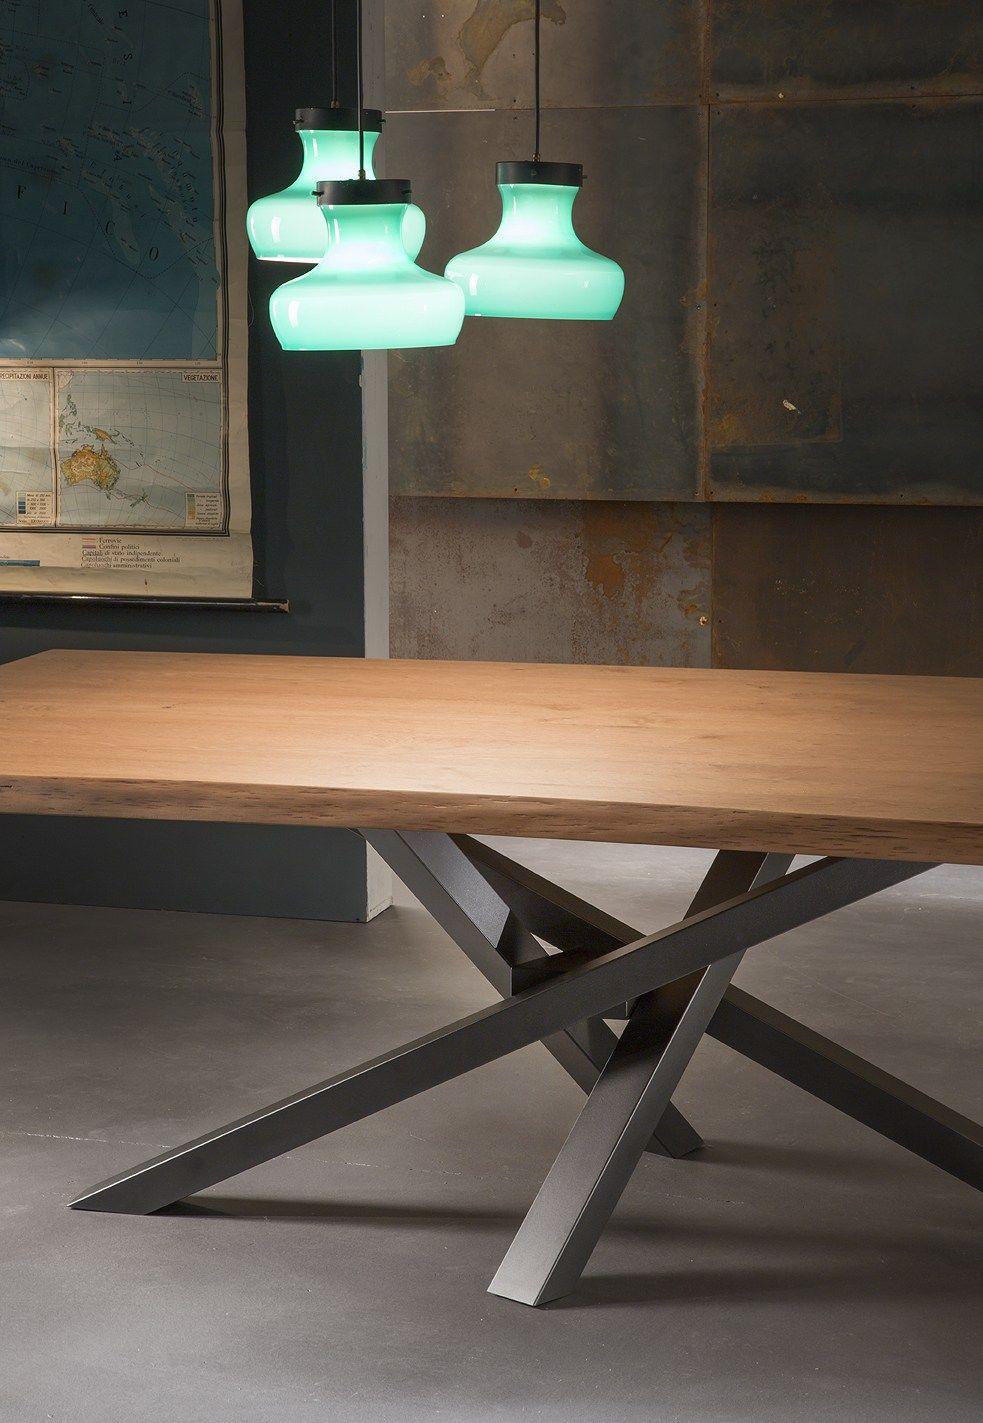 Shangai tavolo in acciaio inox e legno by riflessi - Tavolo shangai riflessi ...